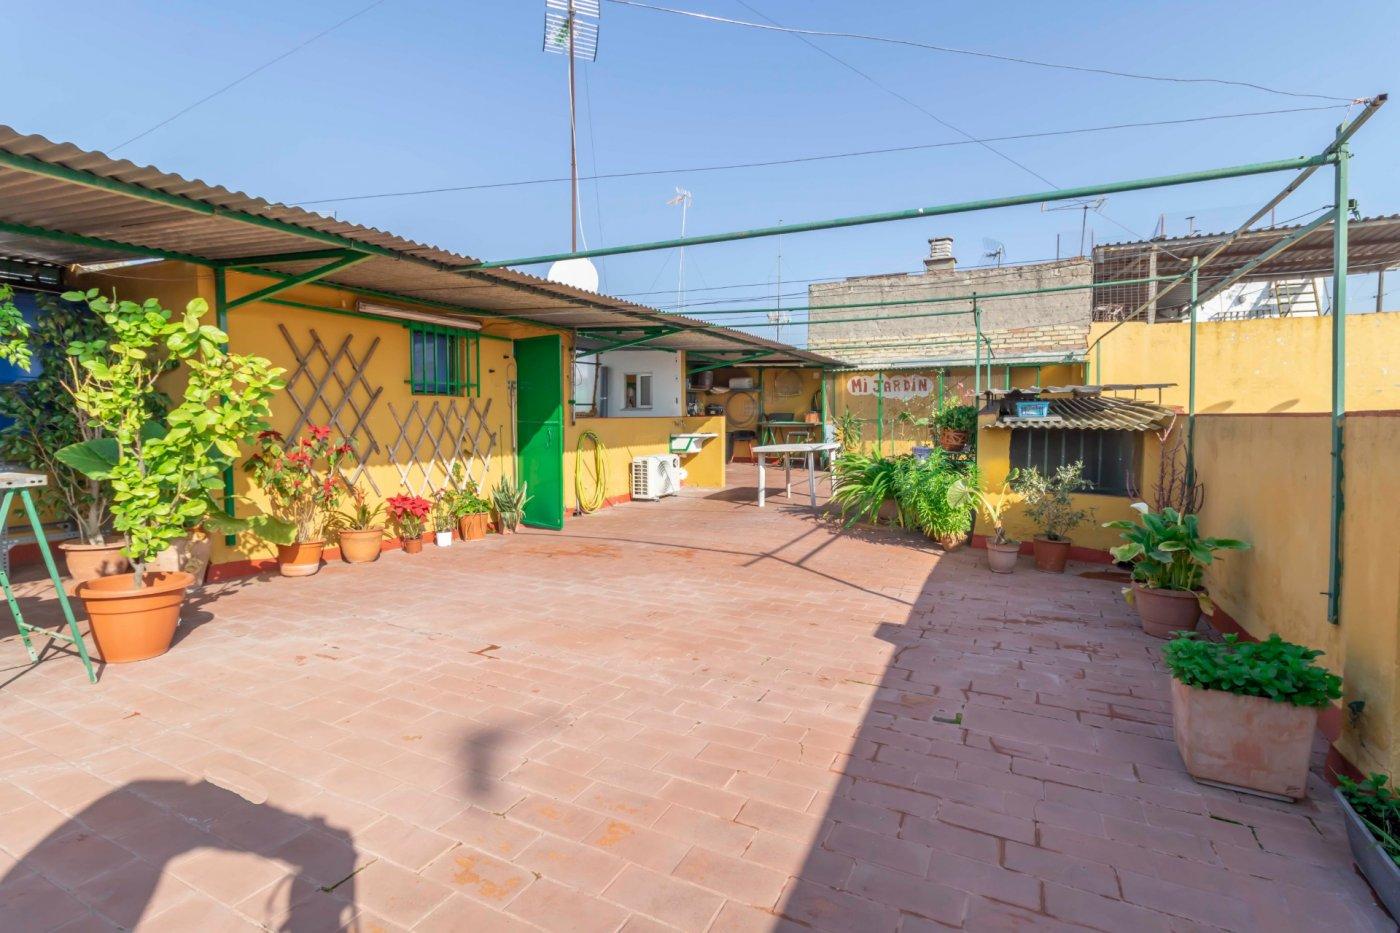 Casa a la venta en zona padre pÍo - imagenInmueble34